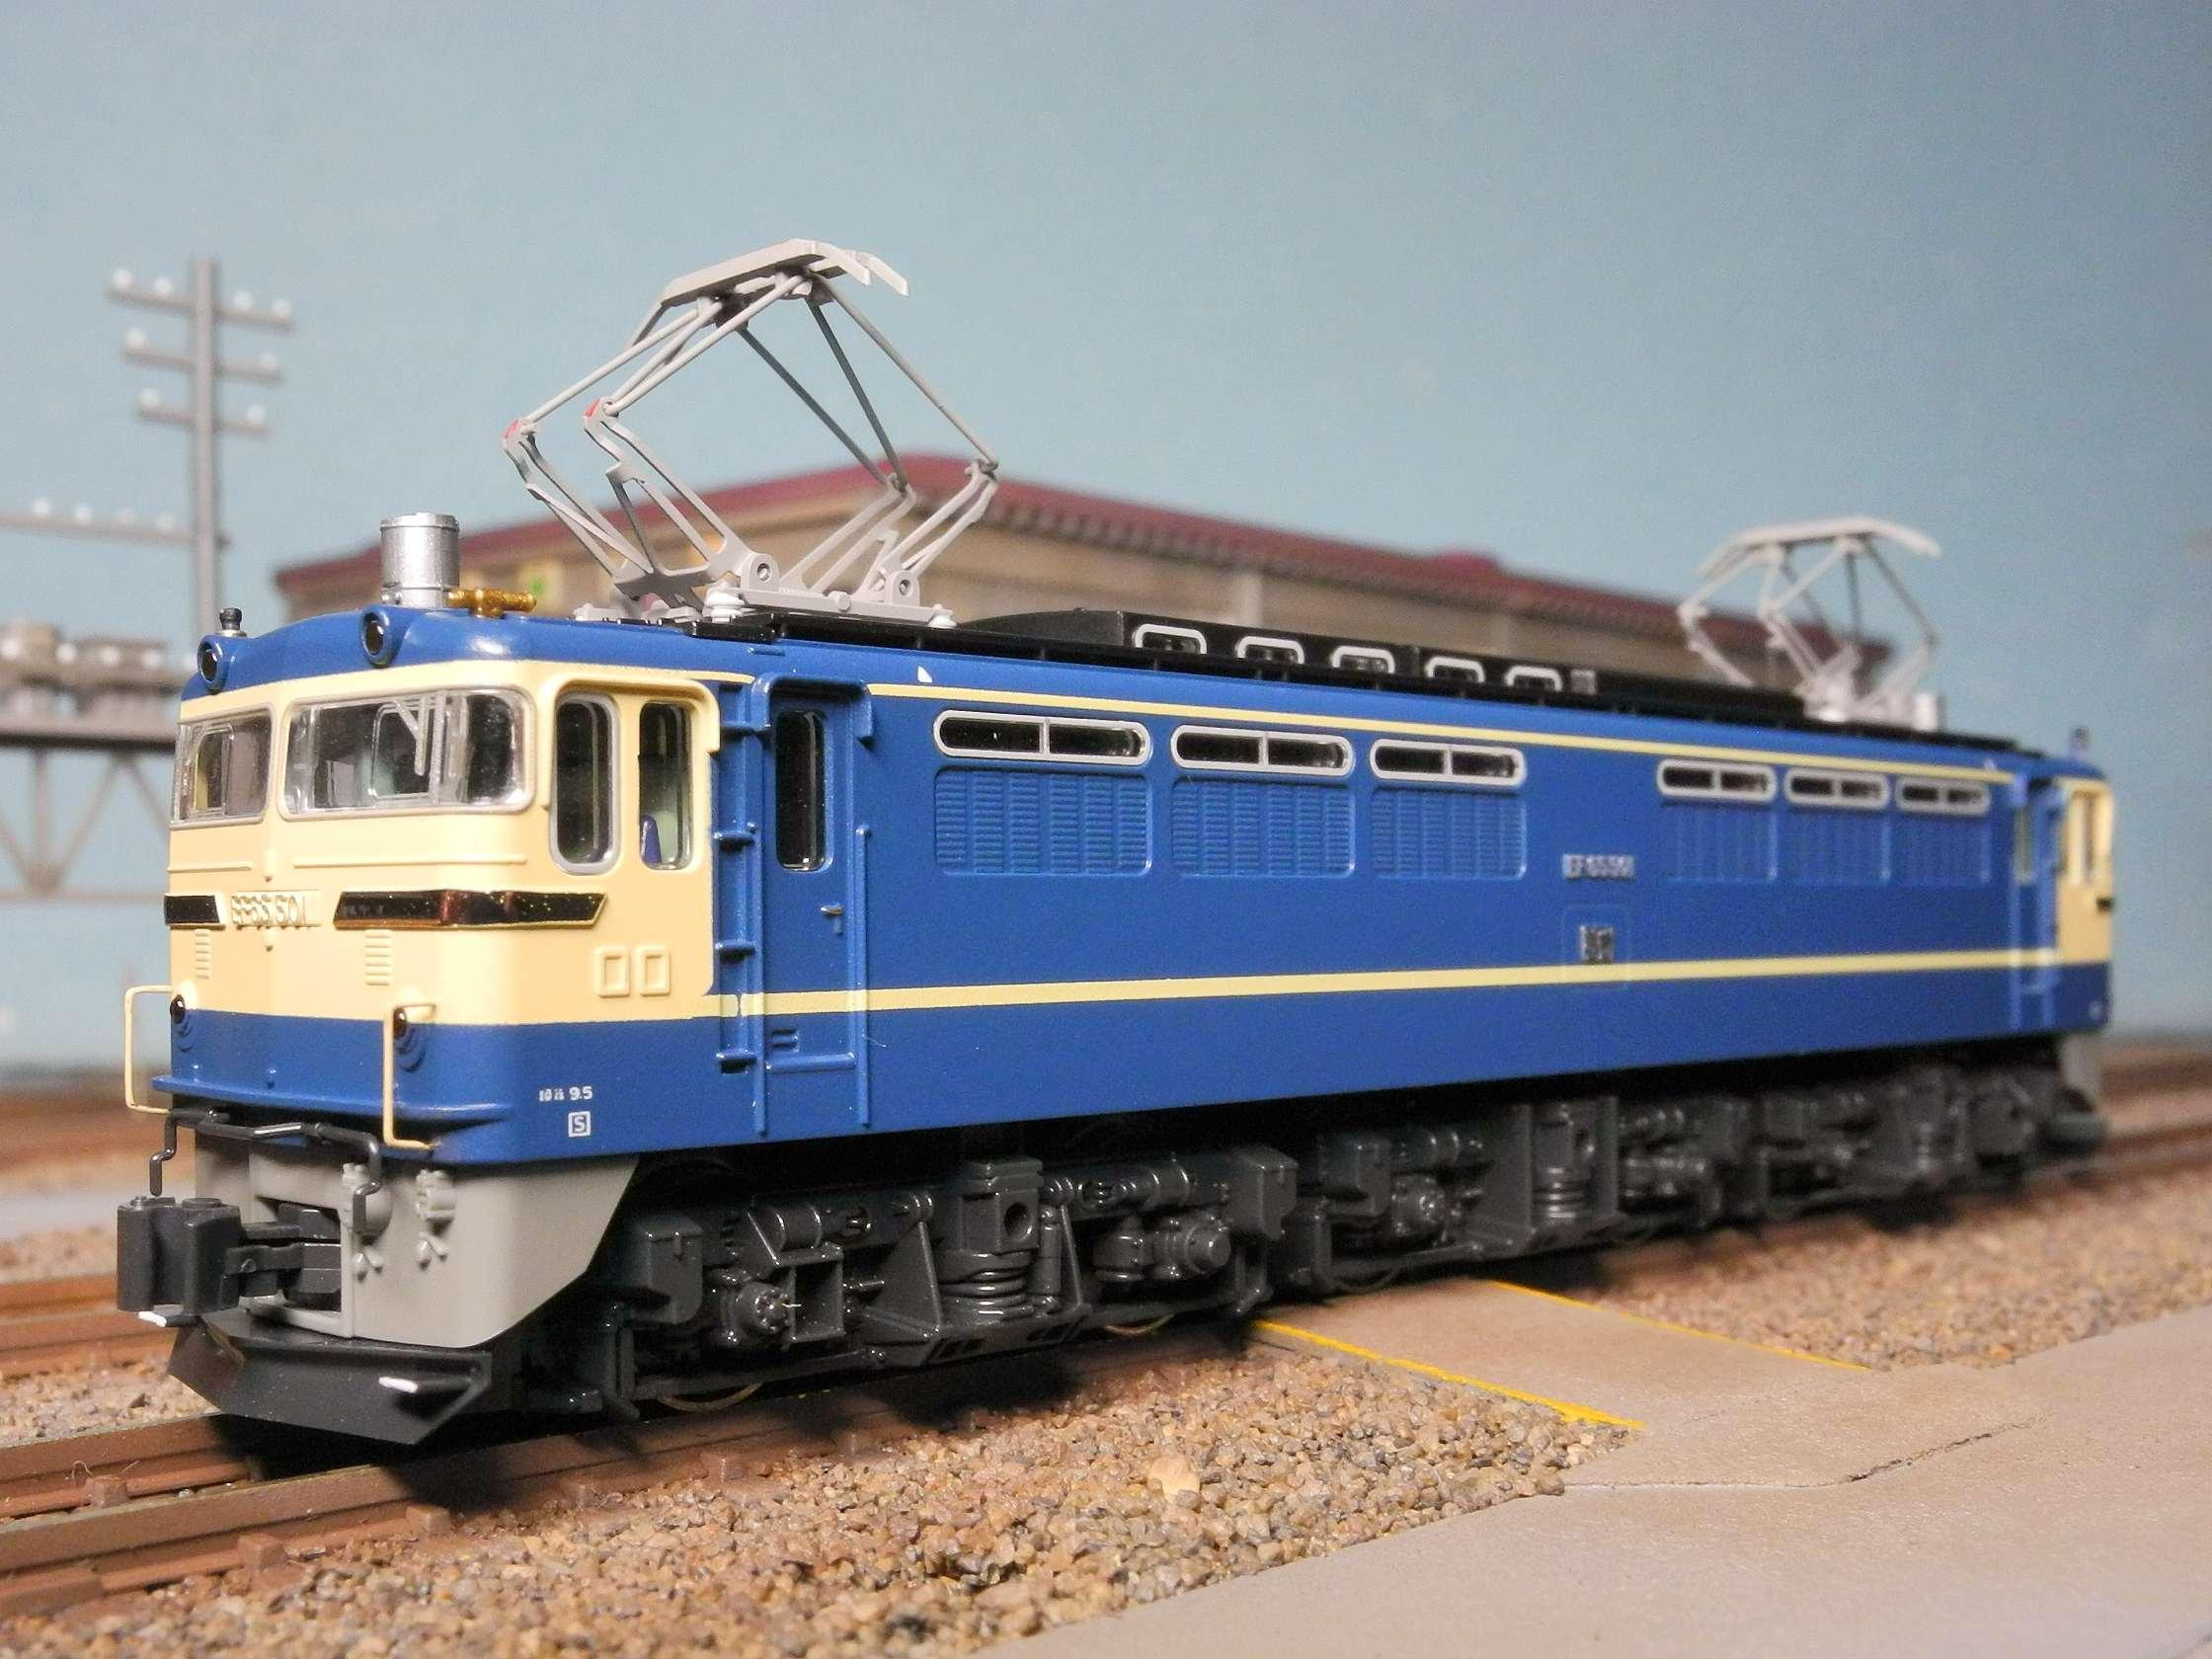 DSCN7556-1.jpg